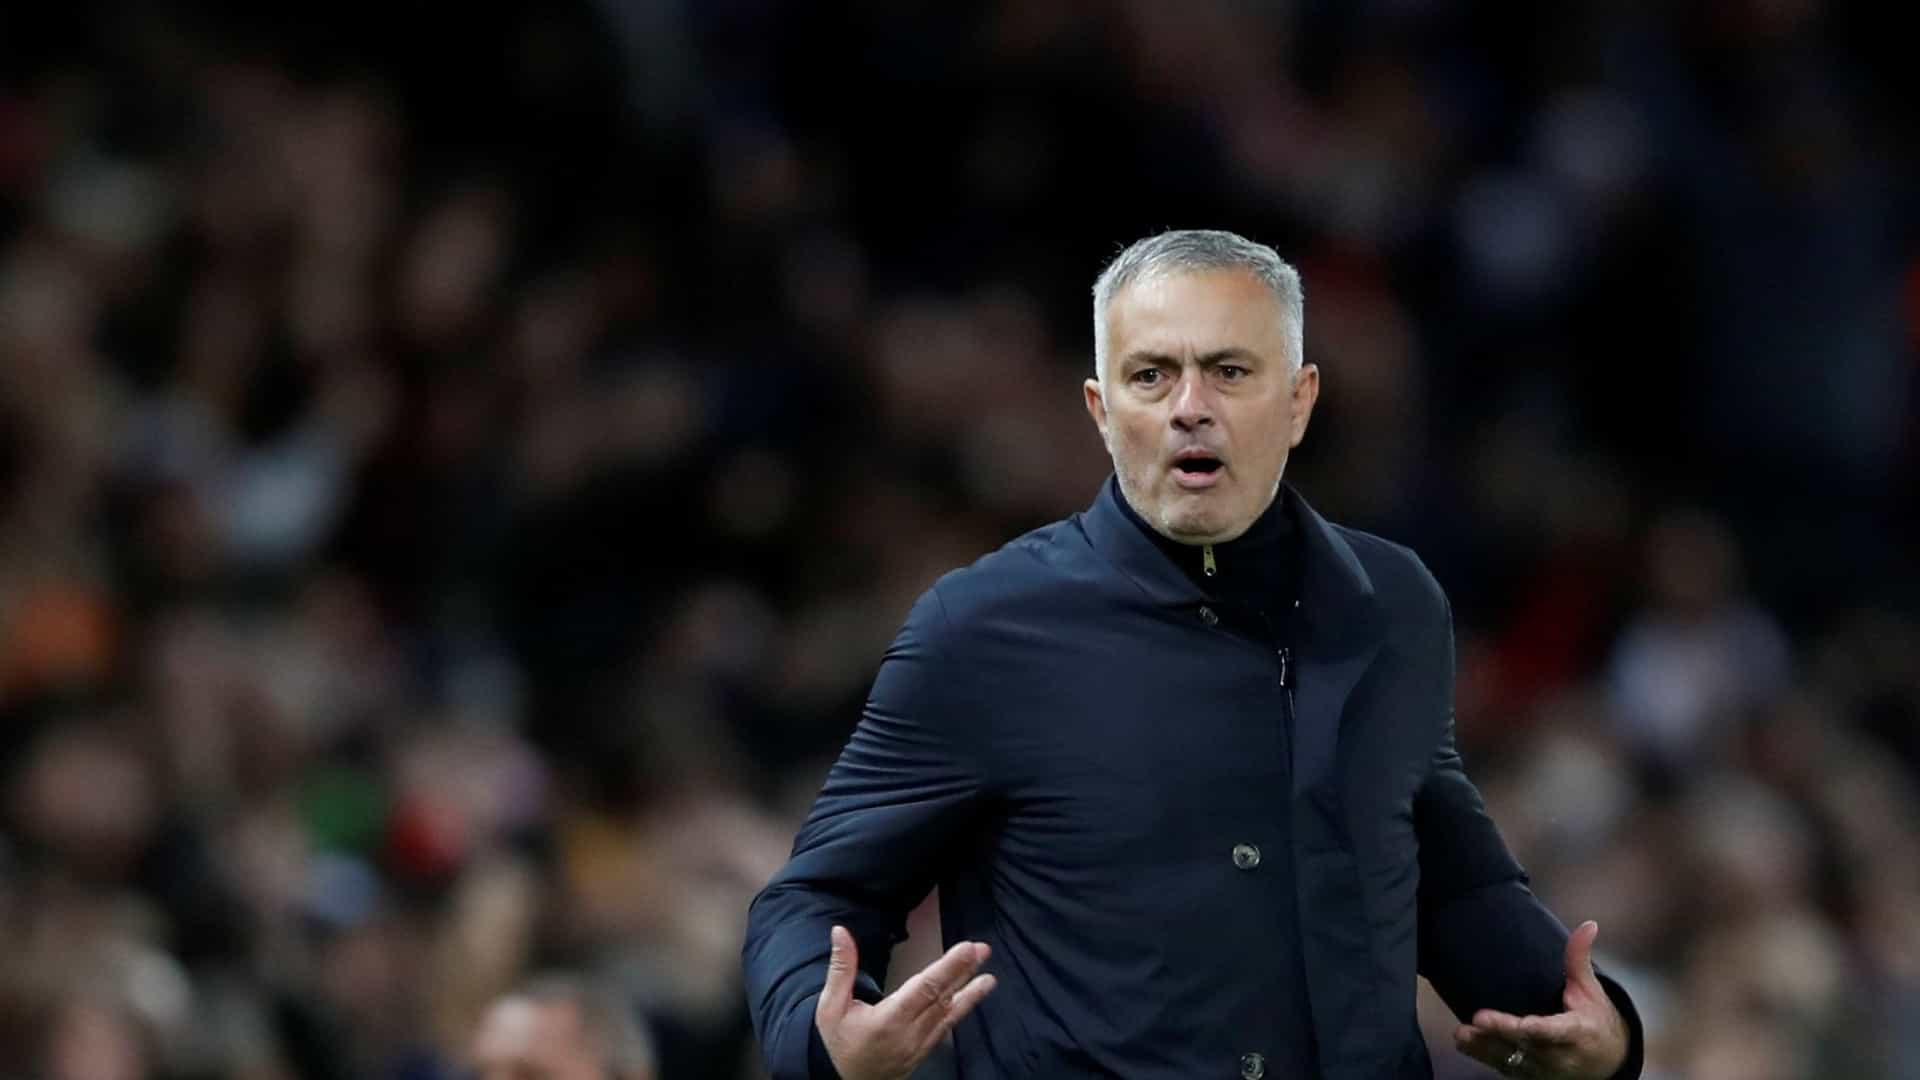 Mourinho de novo 'apanhado' em missão de observação de reforços